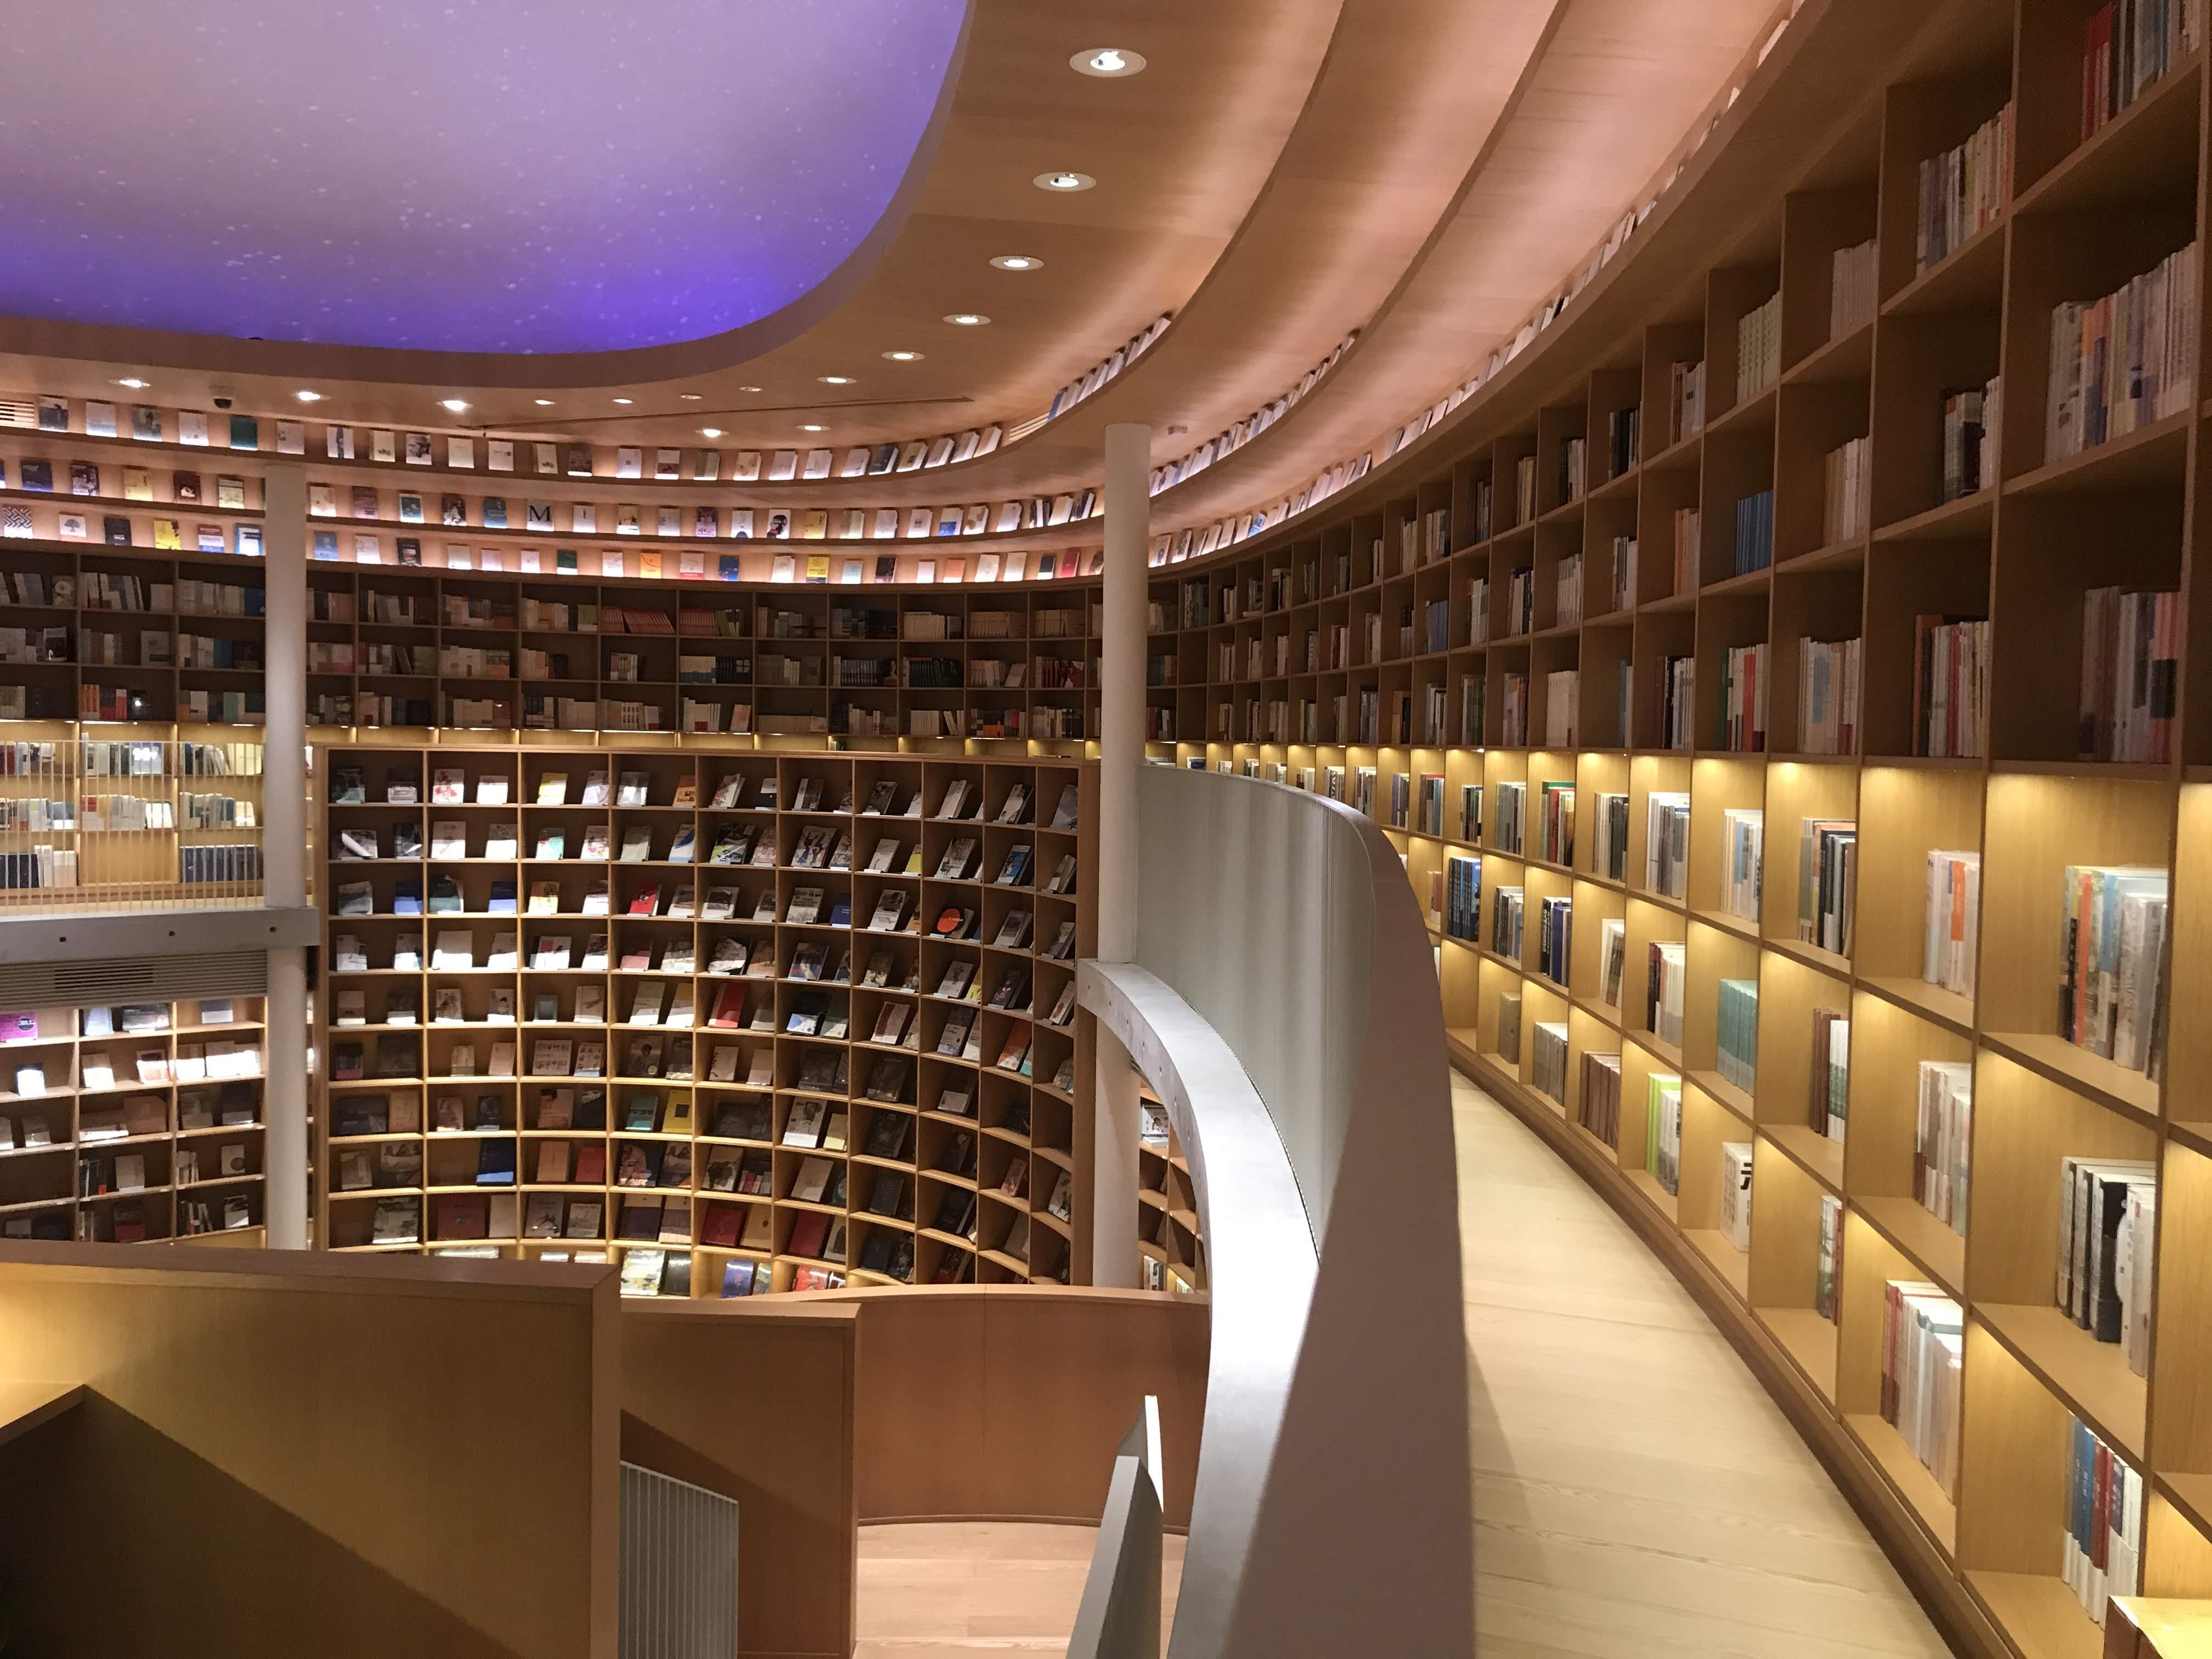 上海新华书店 shanghai xin hua bookstore